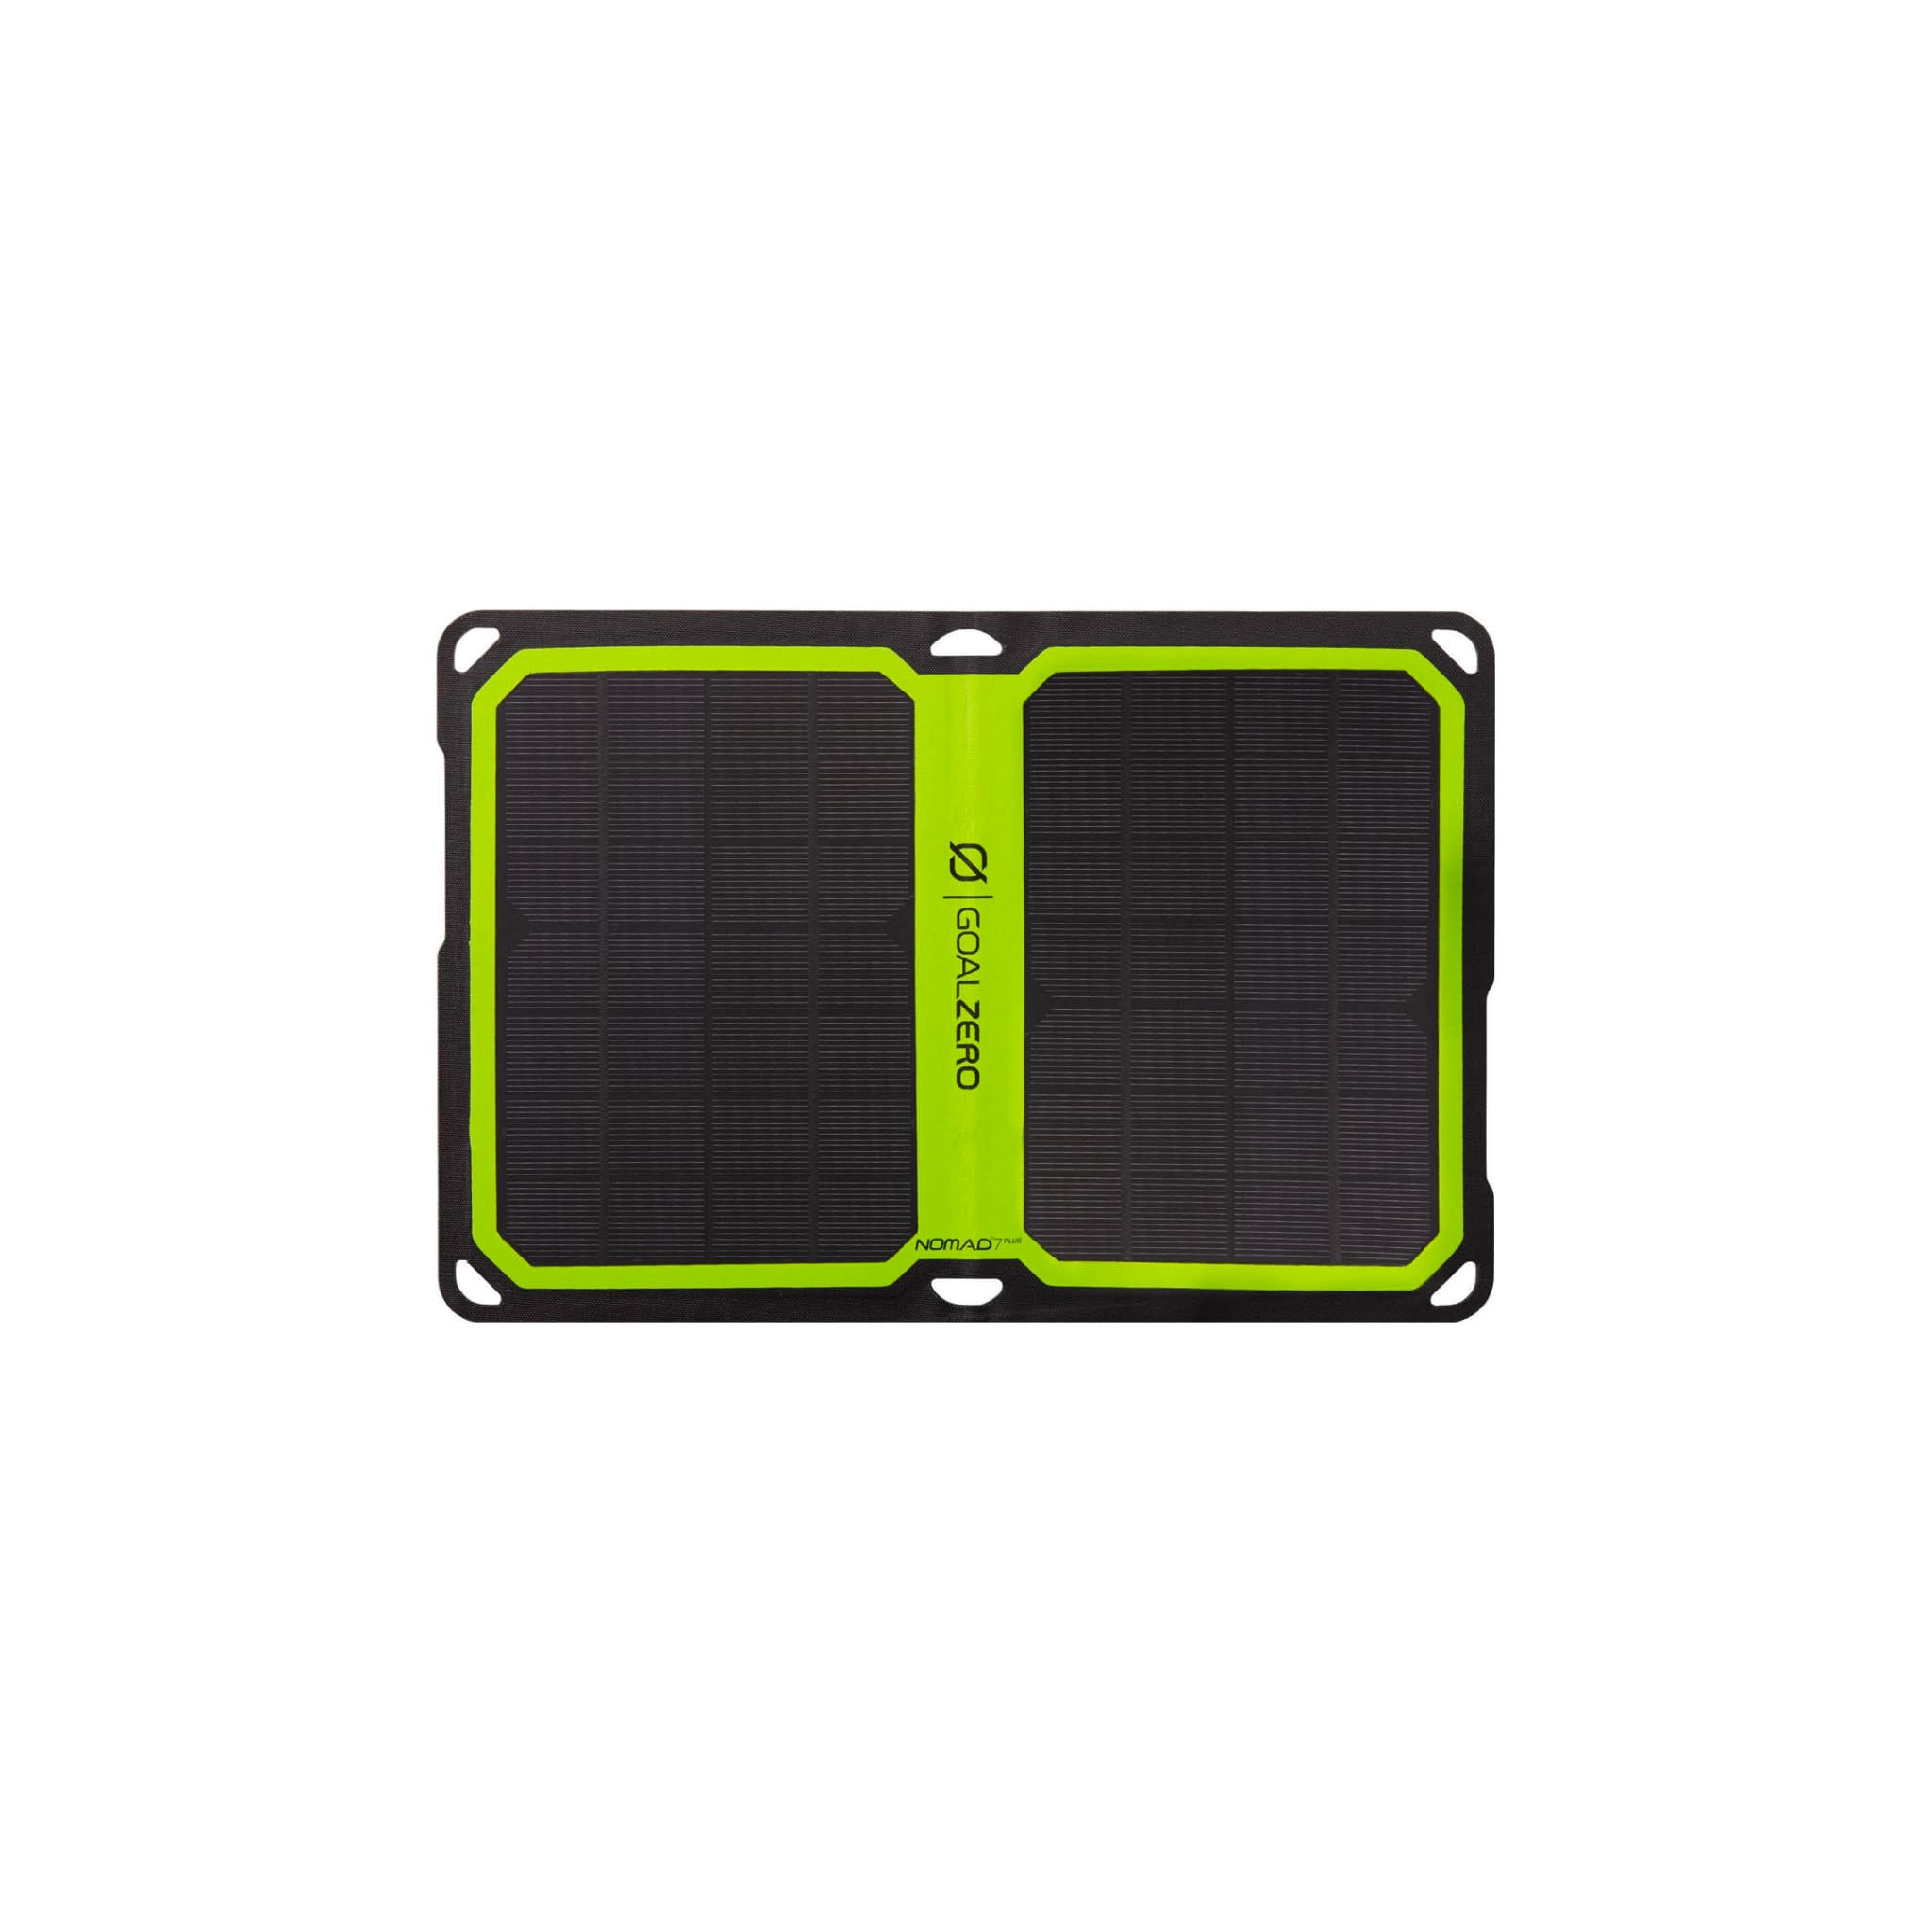 Nomad 7 Plus passer fint til Smarttelefon, GPS, Hodelykter!